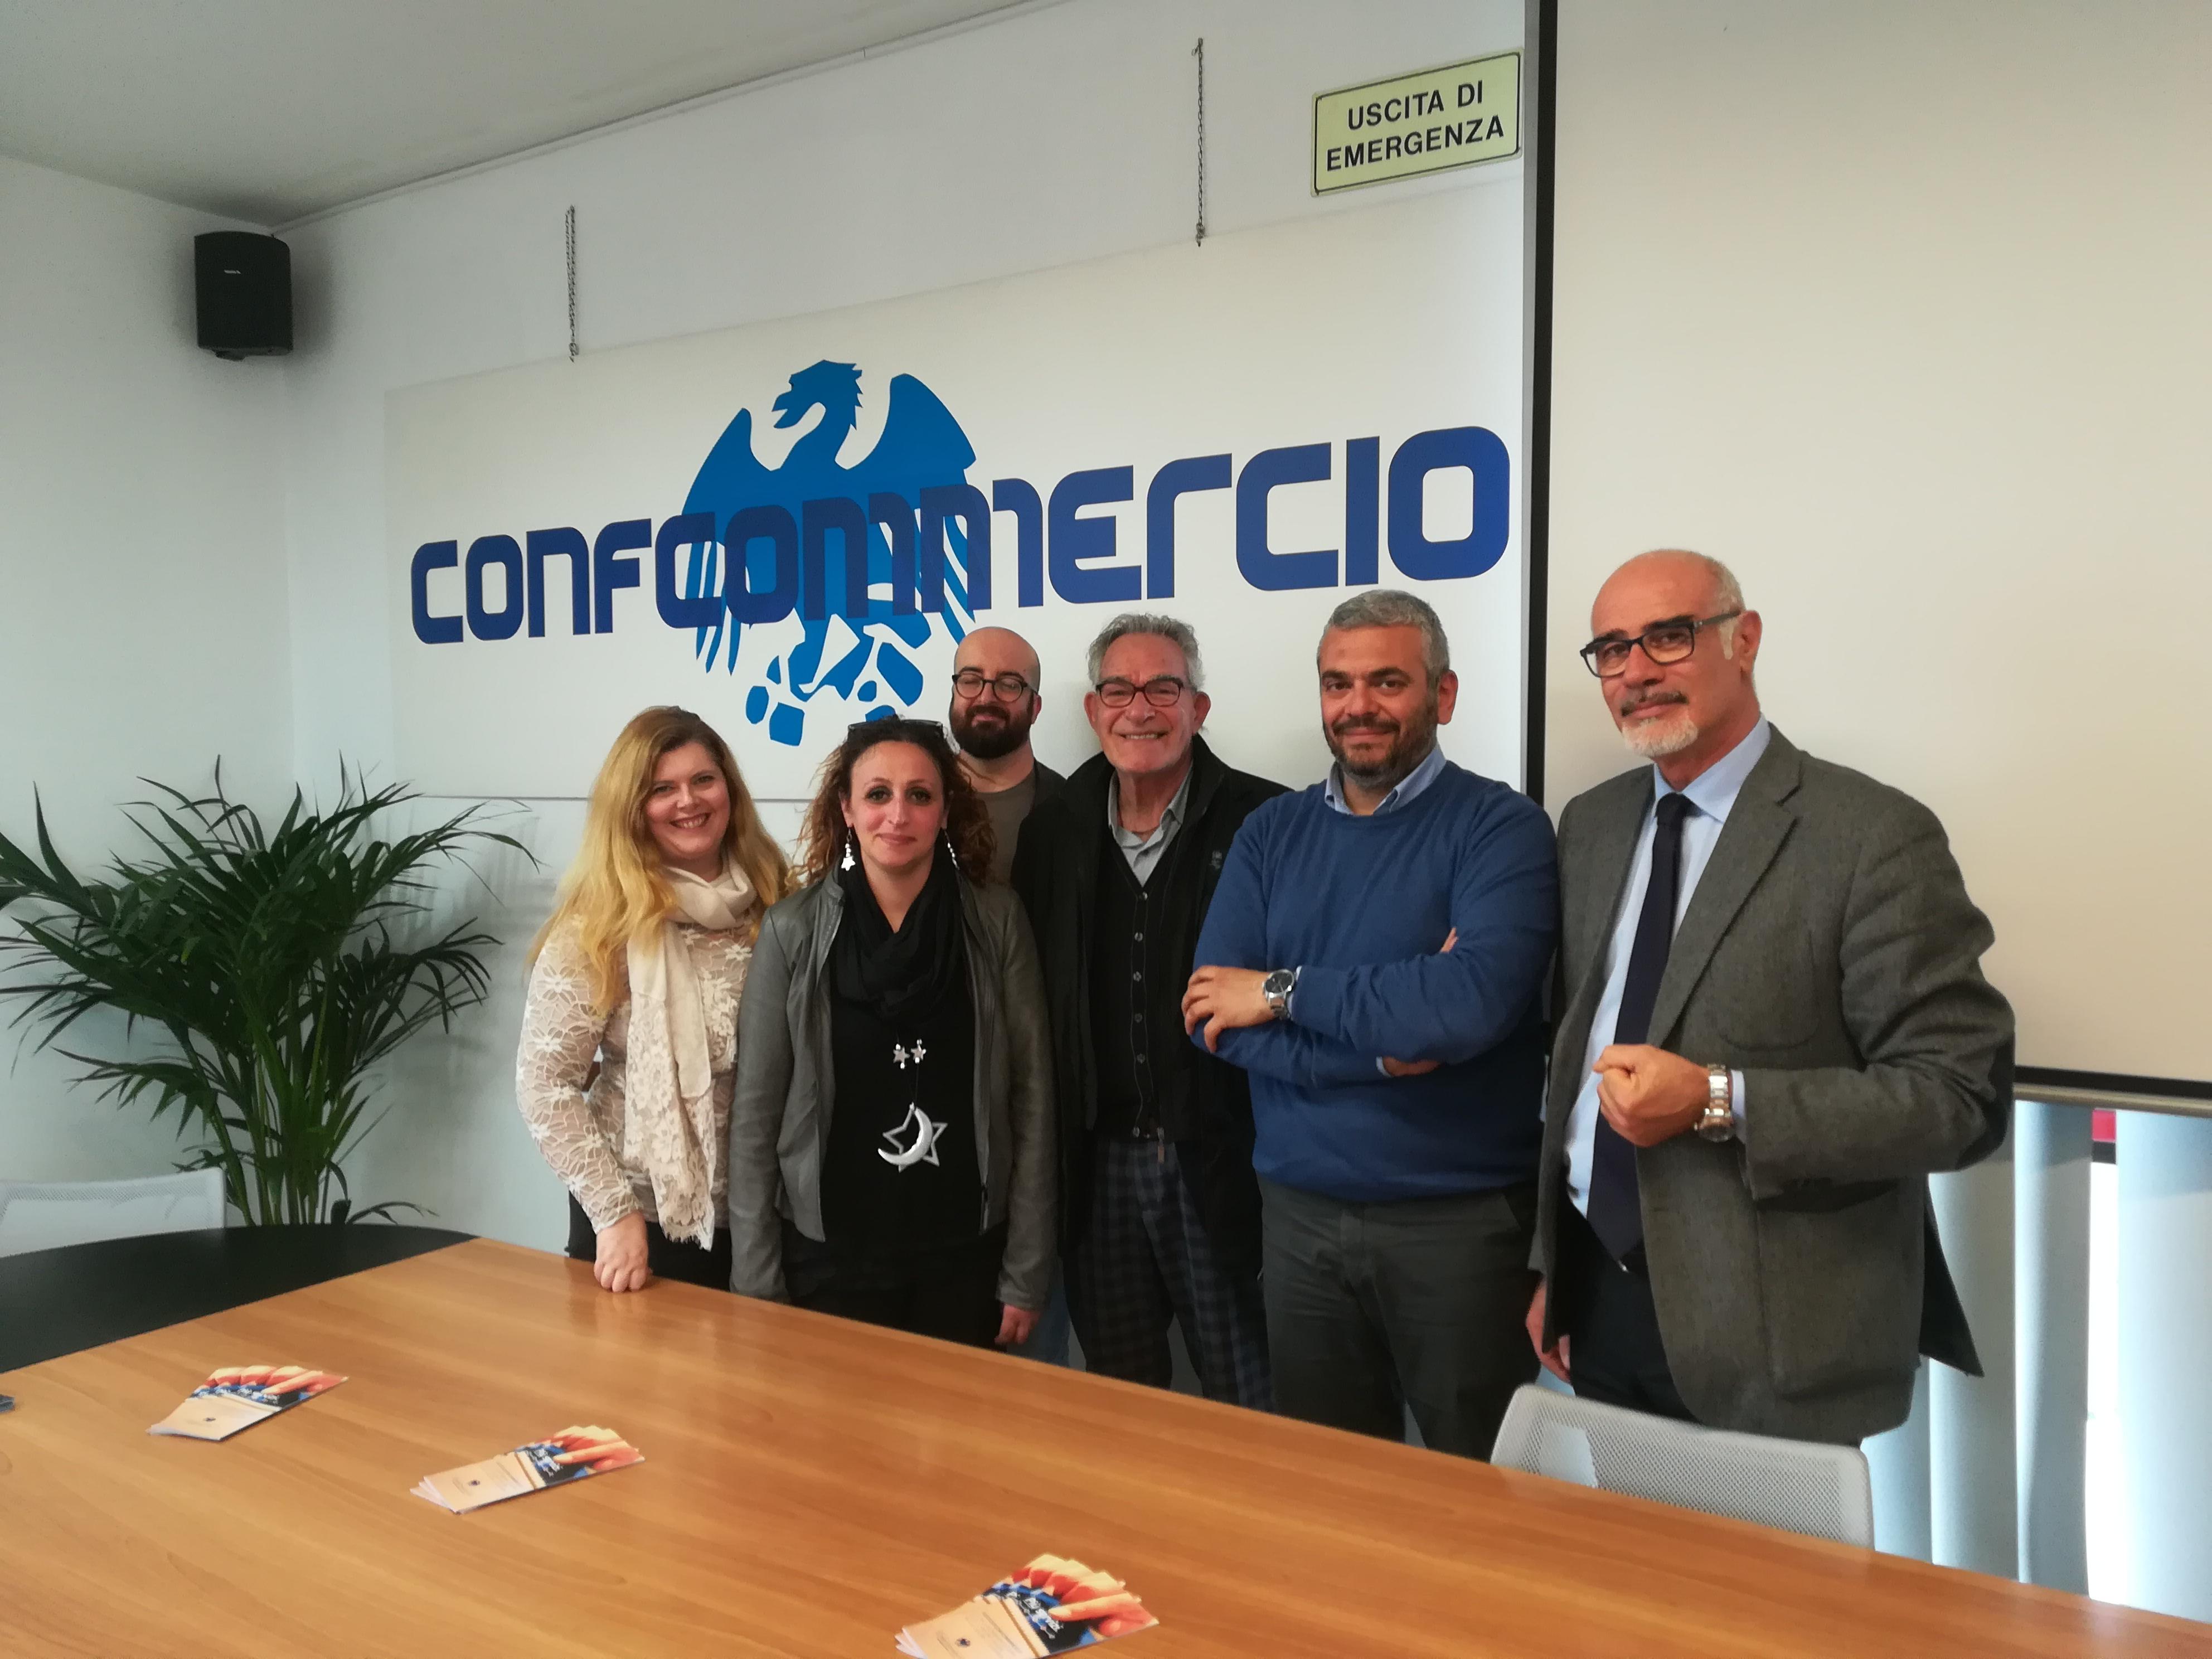 GRUPPO GUIDE CONFCOMMERCIO LECCE: RINNOVATE LE CARICHE SOCIALI